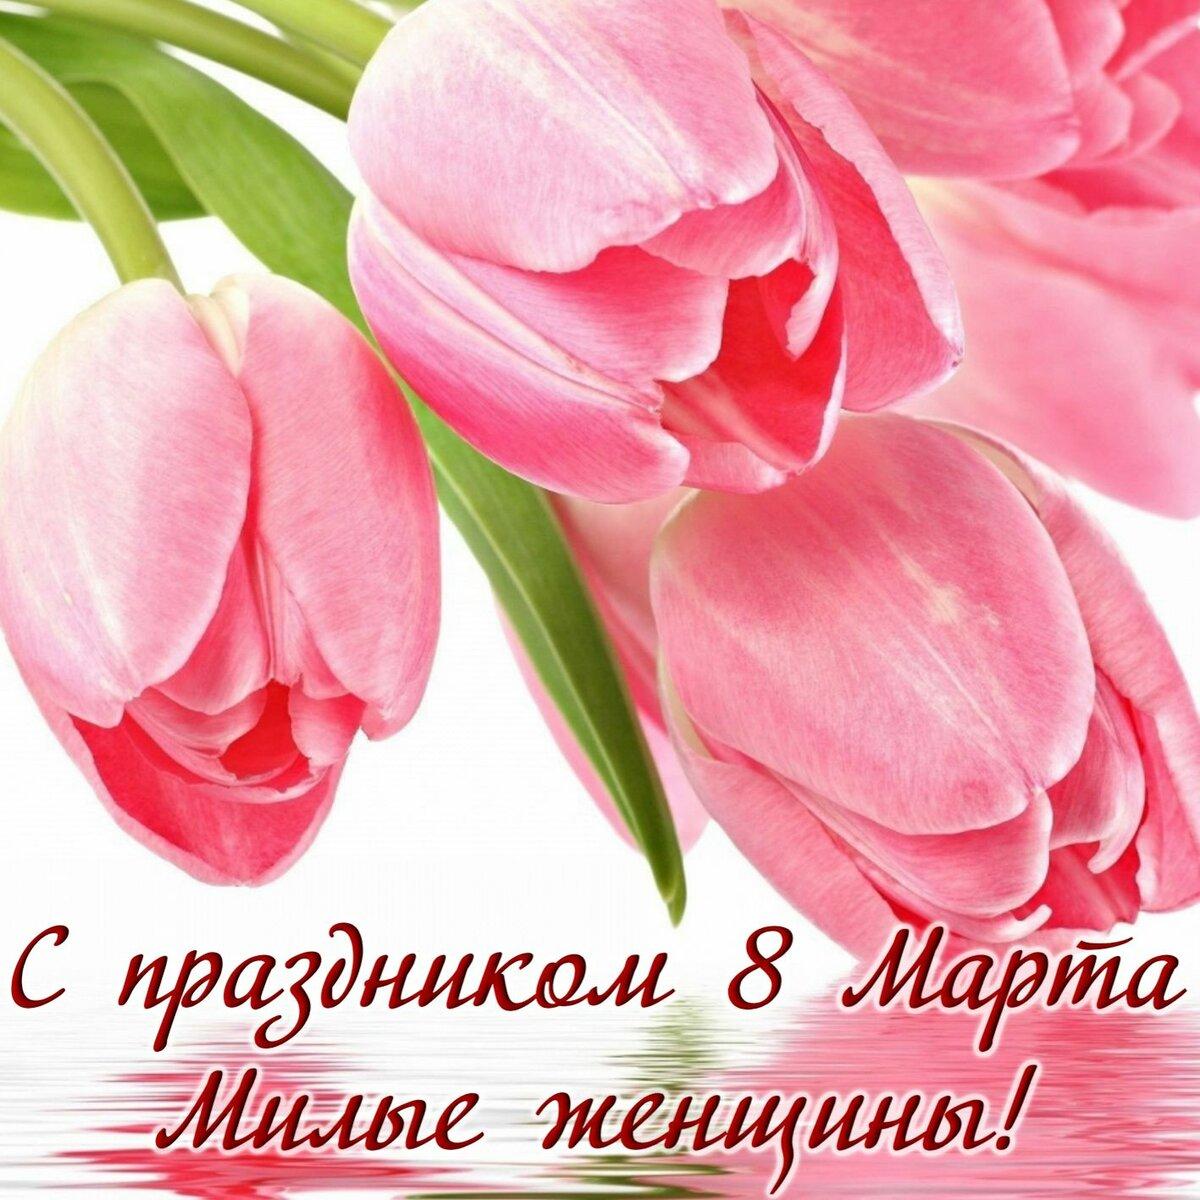 Открытку днем, открытка горизонтальная на 8 марта